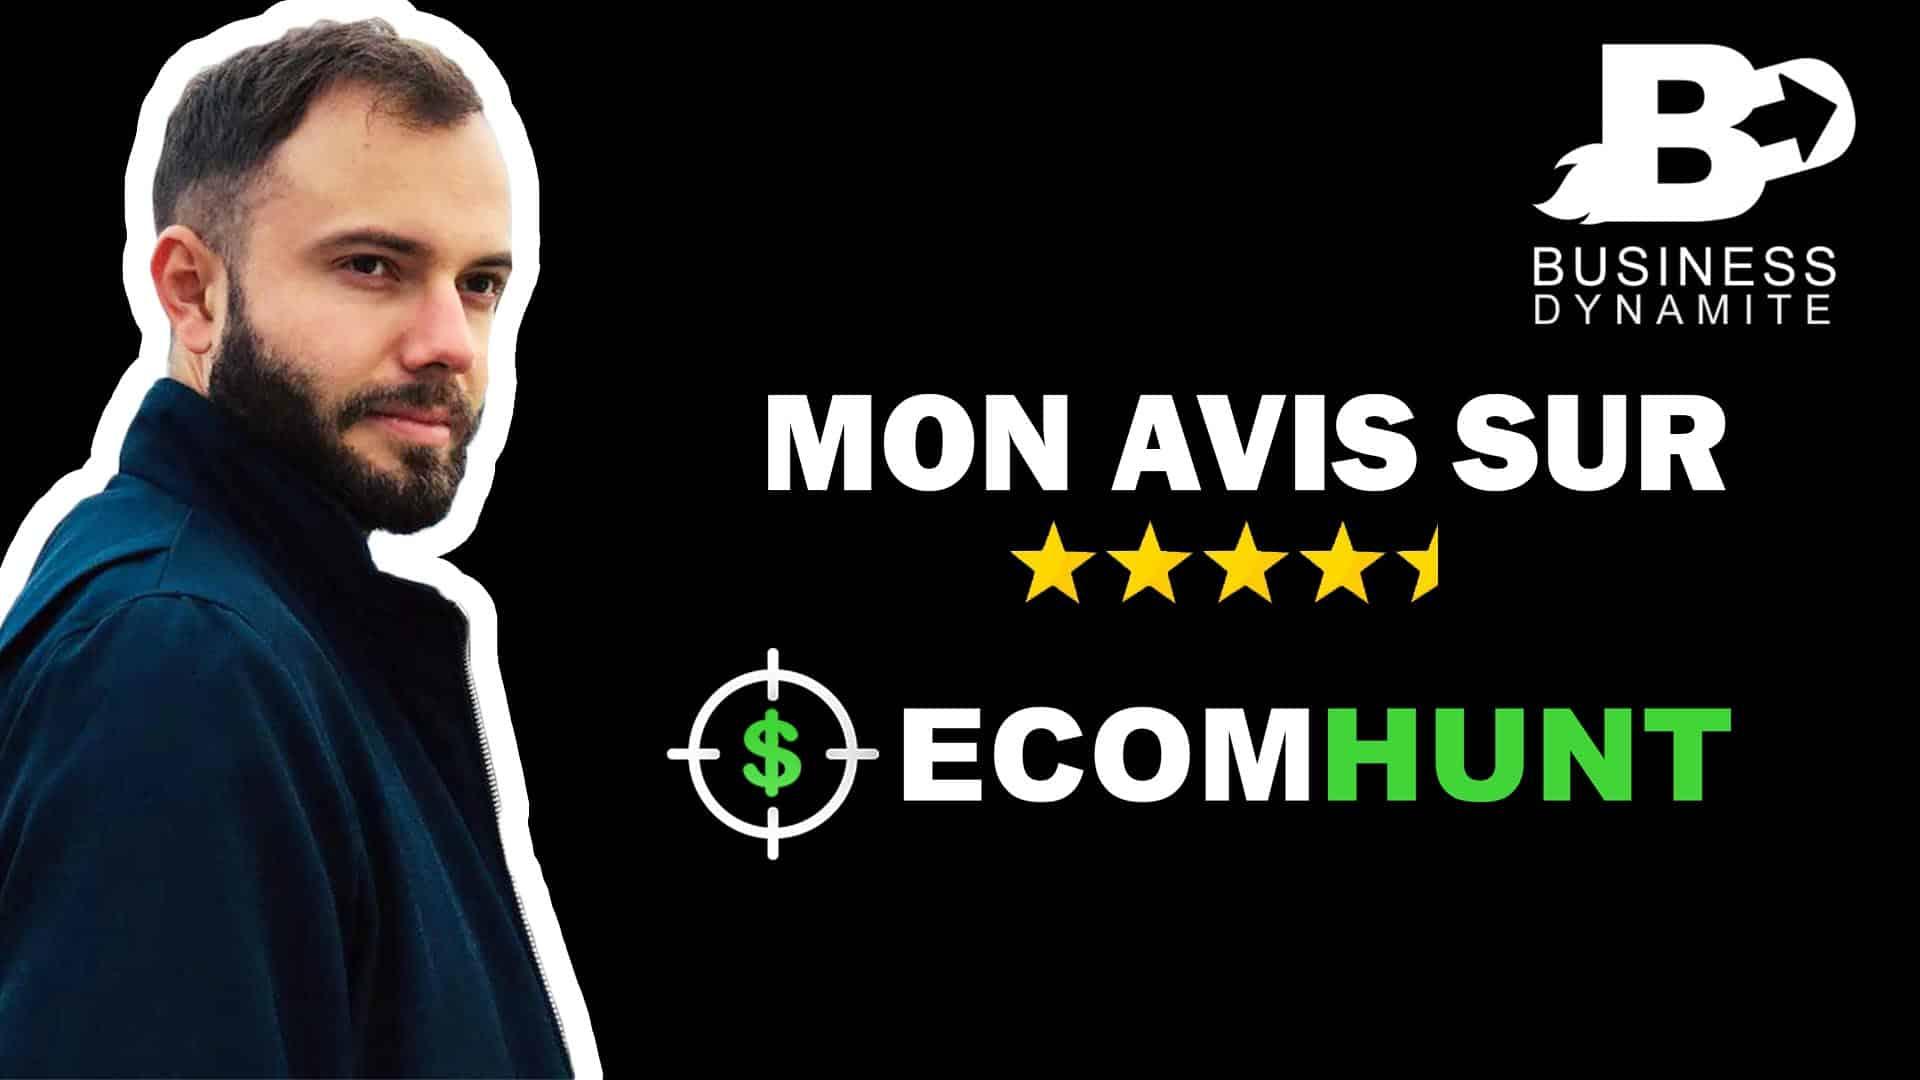 Voici mon avis sur ecomhunt, un outil qui permet de trouver des produits de niche sur aliexpress ou amazon en dropshipping et ecommerce.